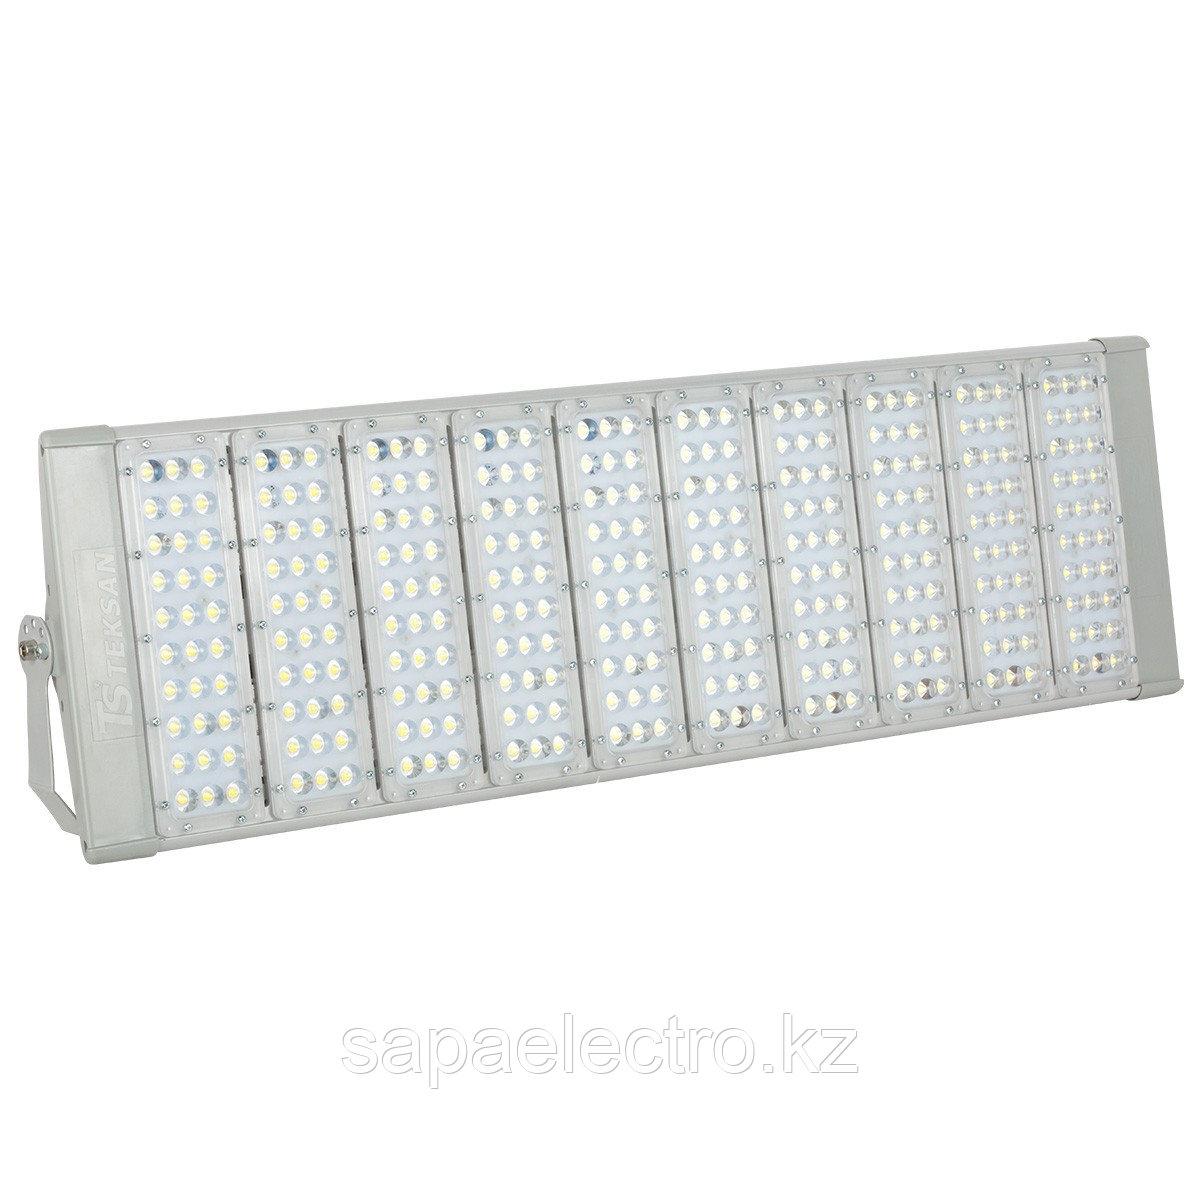 Прожектор LED SMART 10*30W (3 года гарантия) 6000K